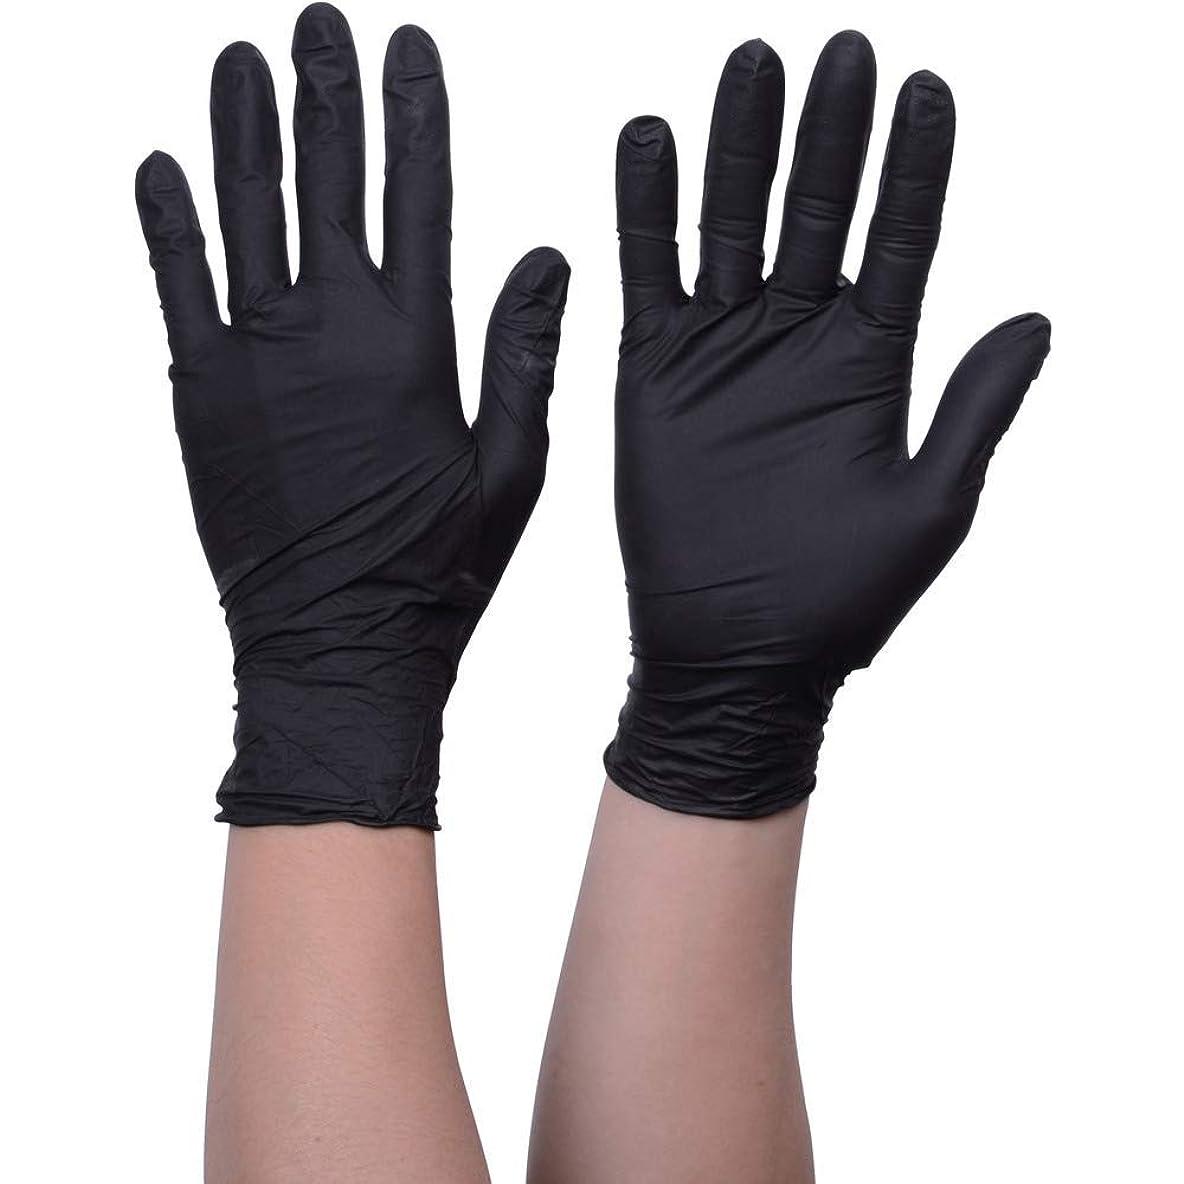 制限された思われる避けるニトリル手袋 使い捨て手袋防水耐油耐久性が強い上に軽く高品質ブラック100枚入